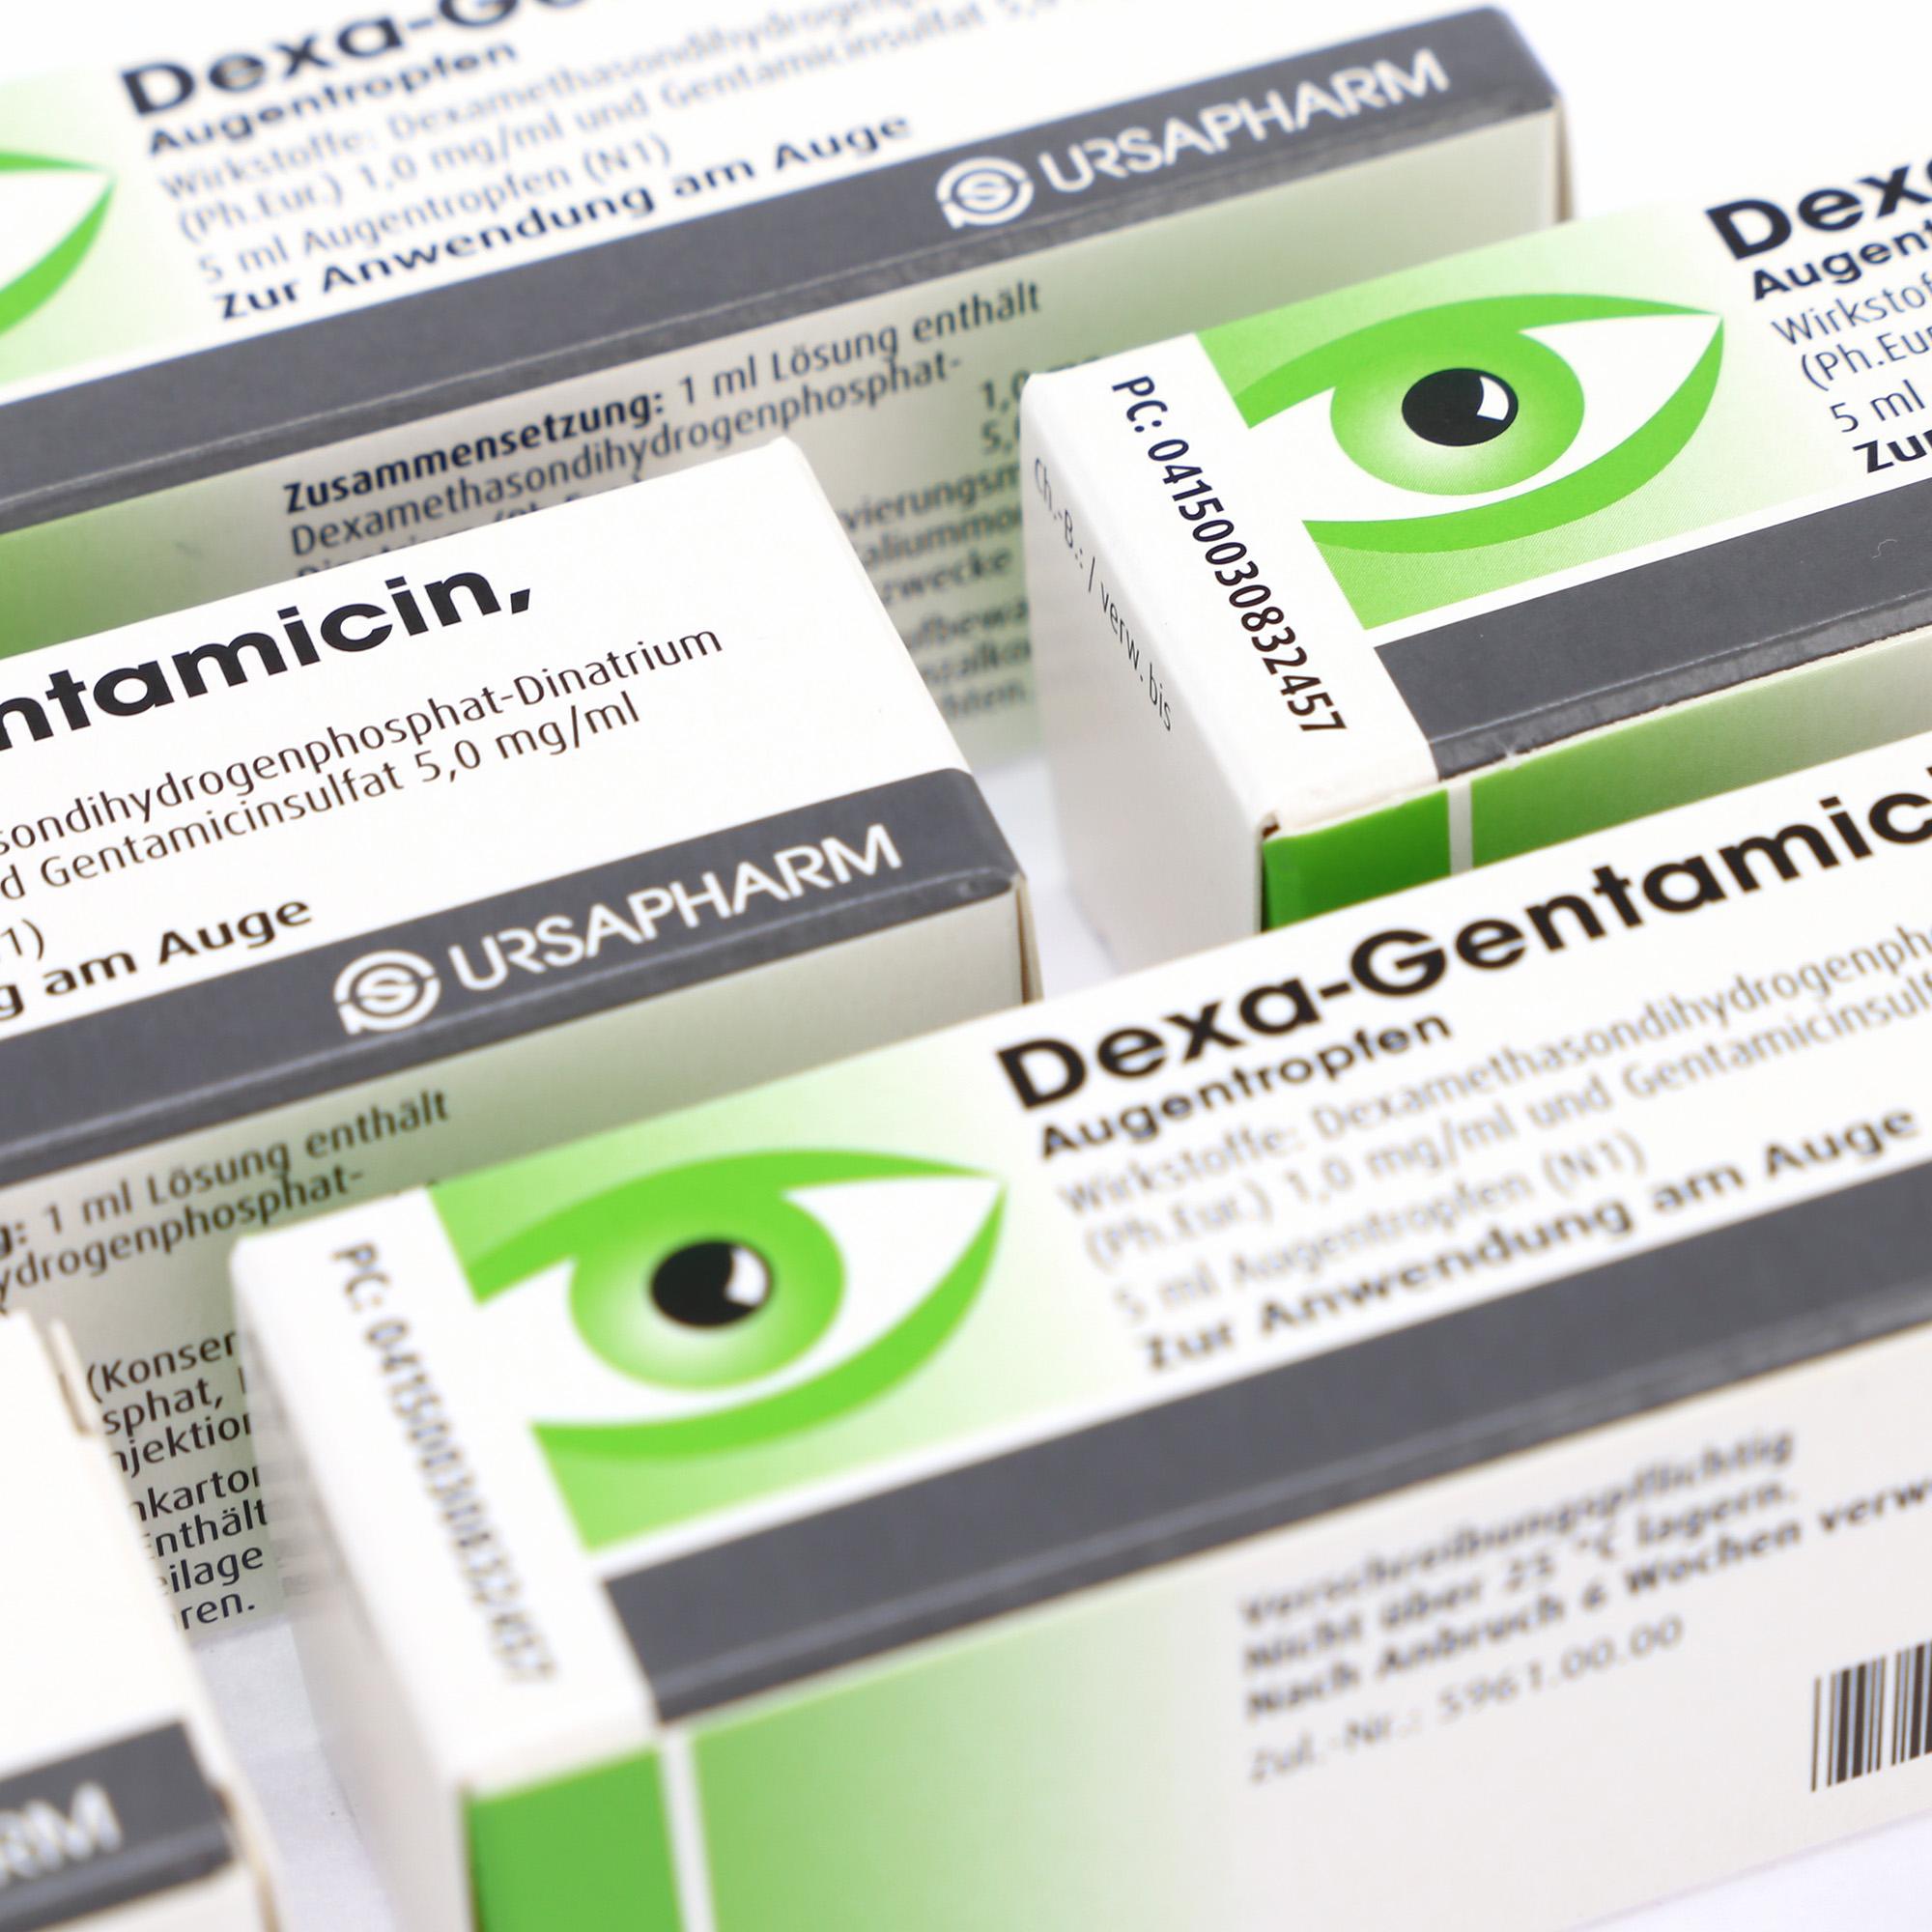 Verpackungen Pharmazie / Arzneimittelverpackungen / Braille / Blindenschriftpunkte / Schutz vor Untermischung